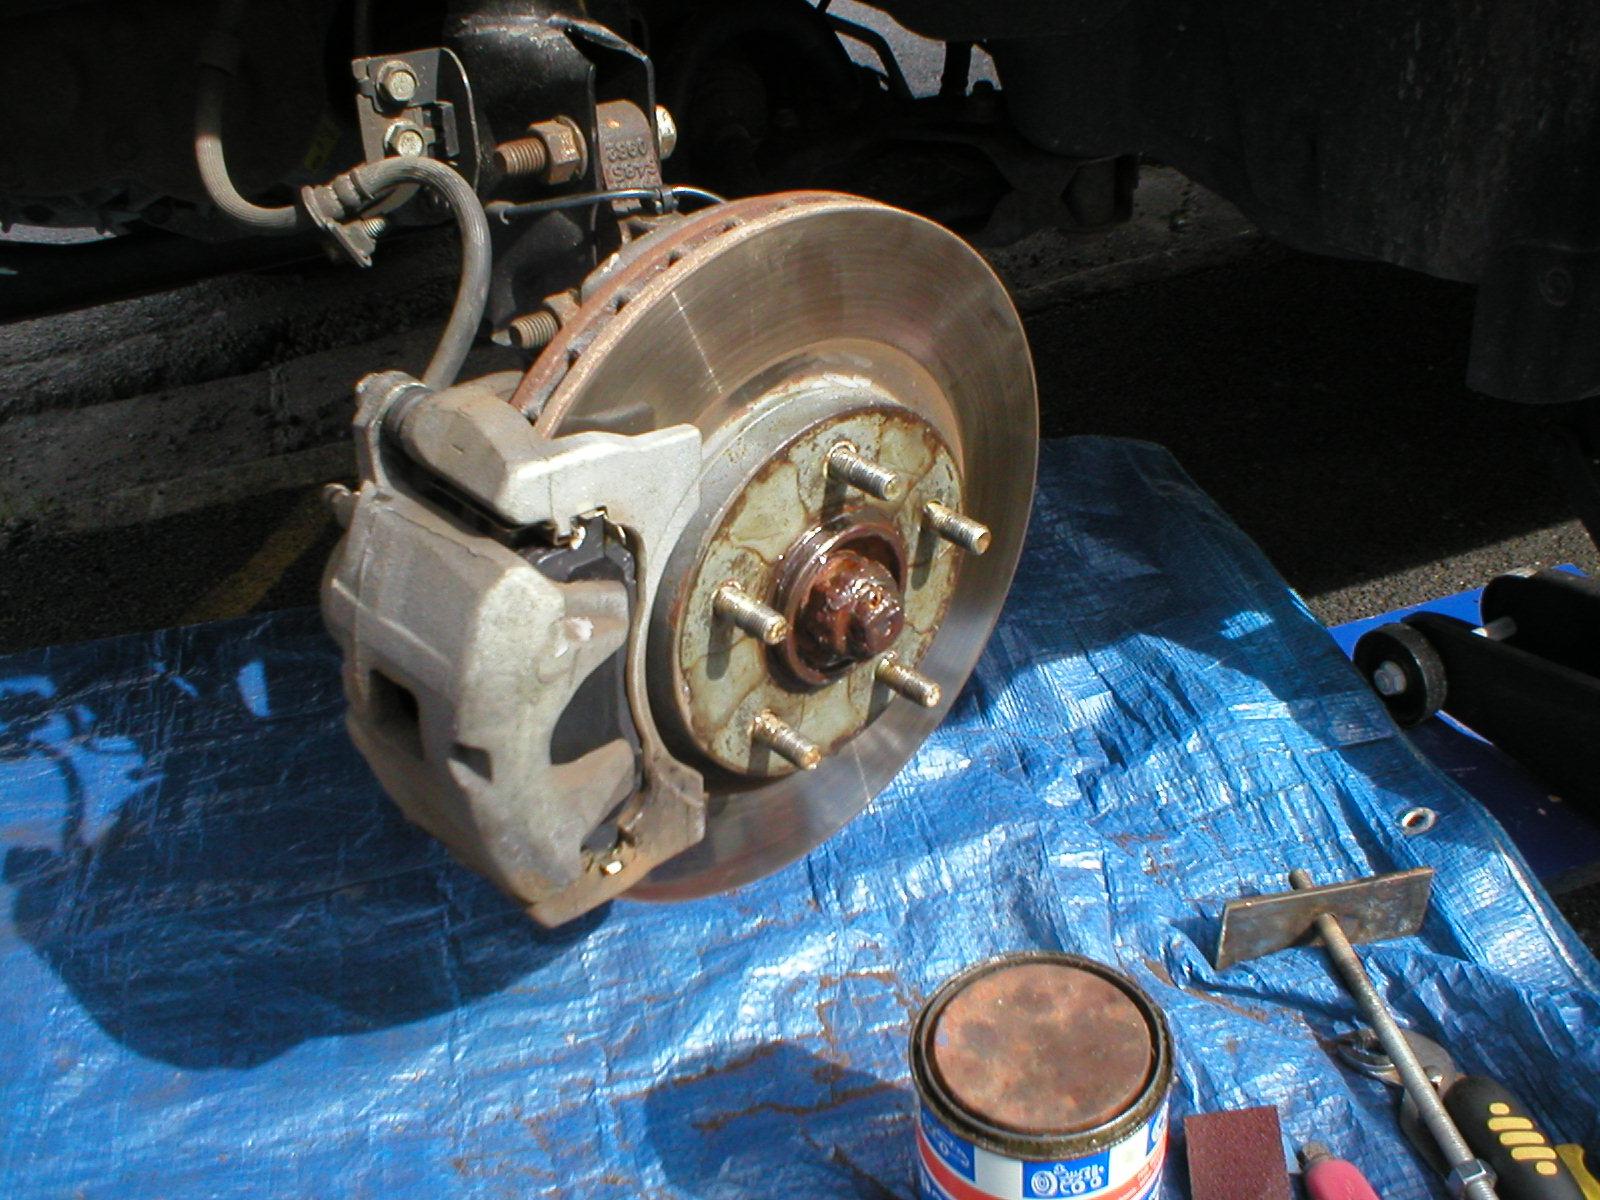 entretien caliber essence - Page 3 162883P1010117